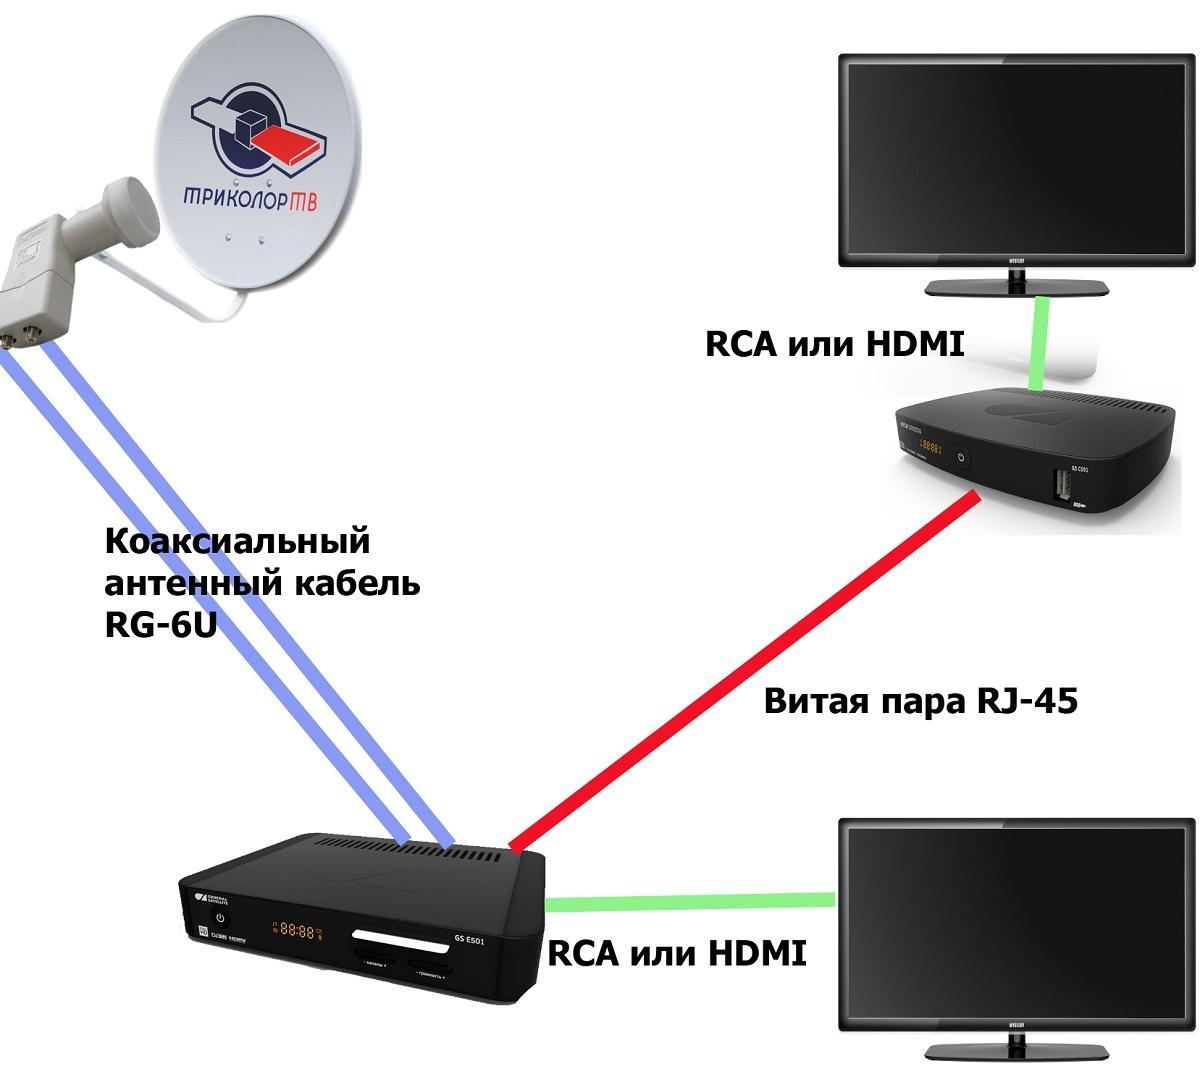 Συνδέστε το RCA ψηφιακή κεραία